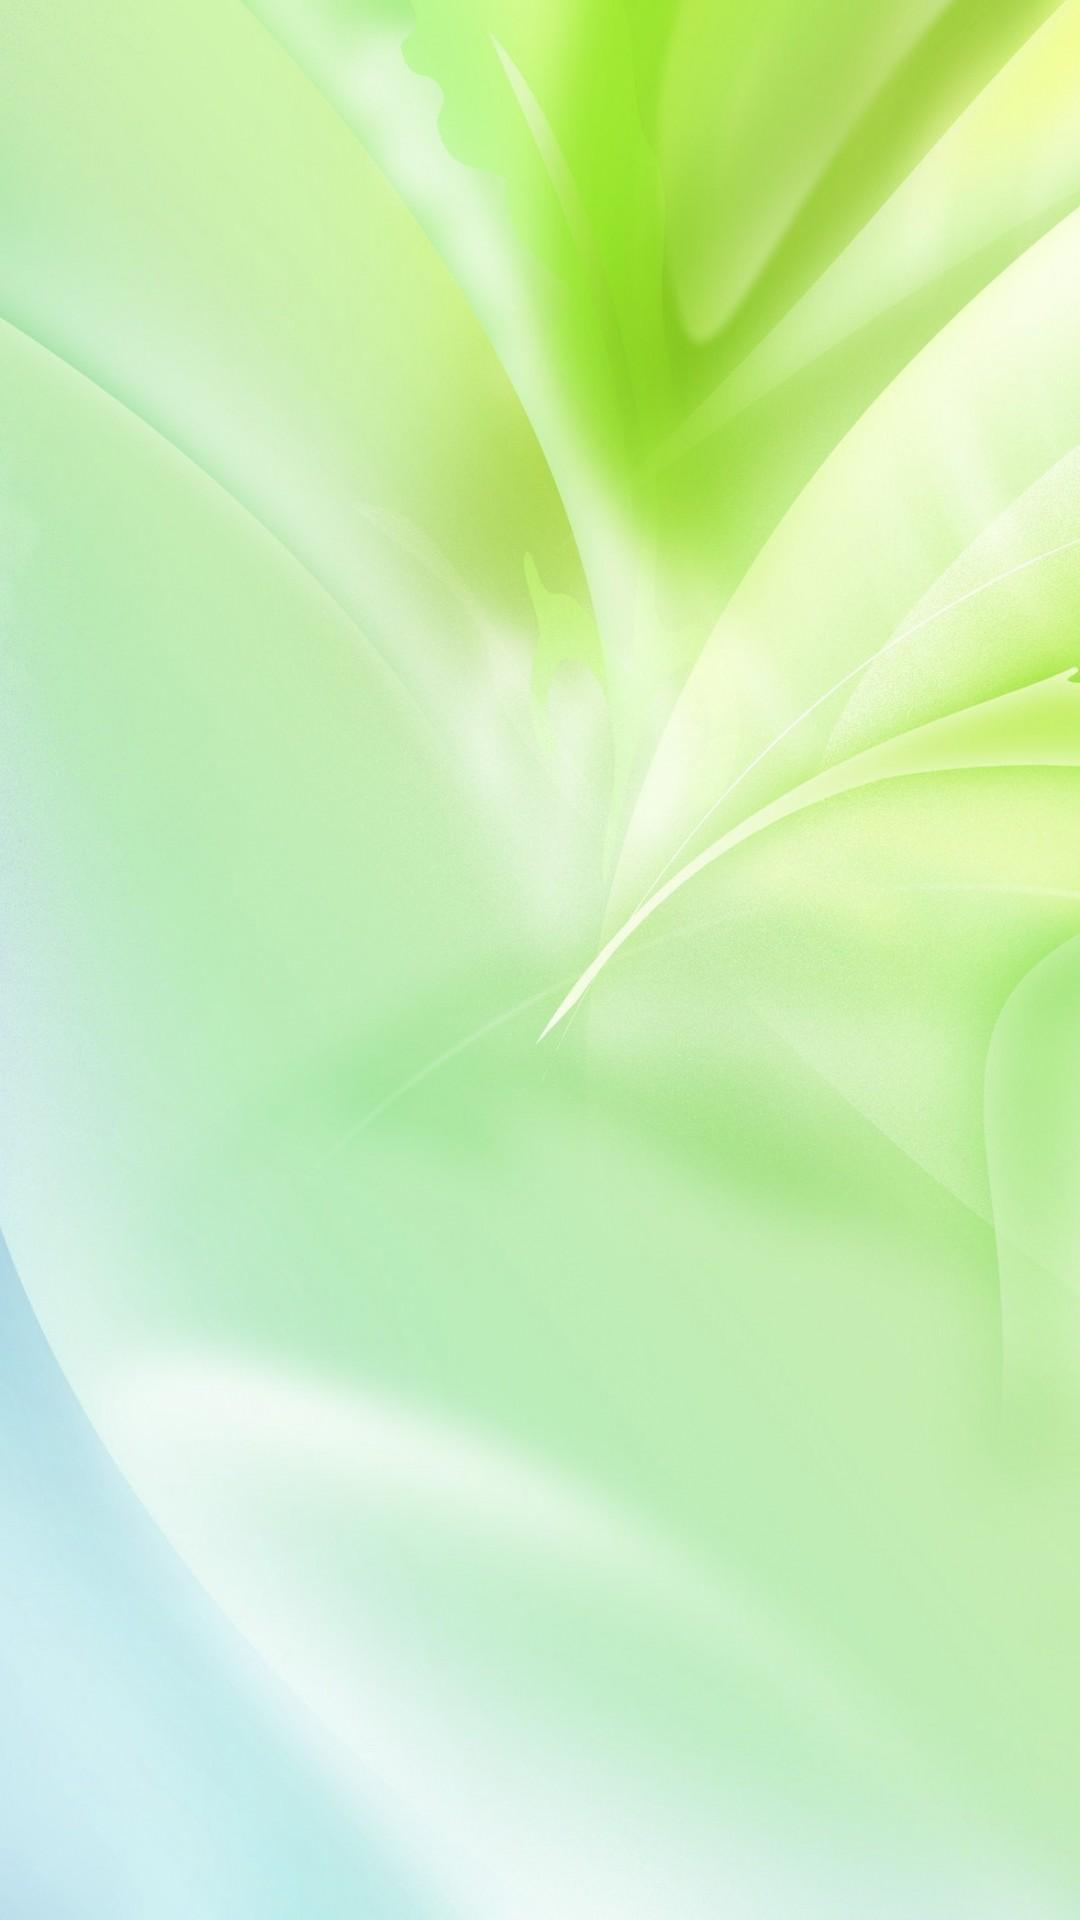 Line Light Green White iPhone 6 wallpaper